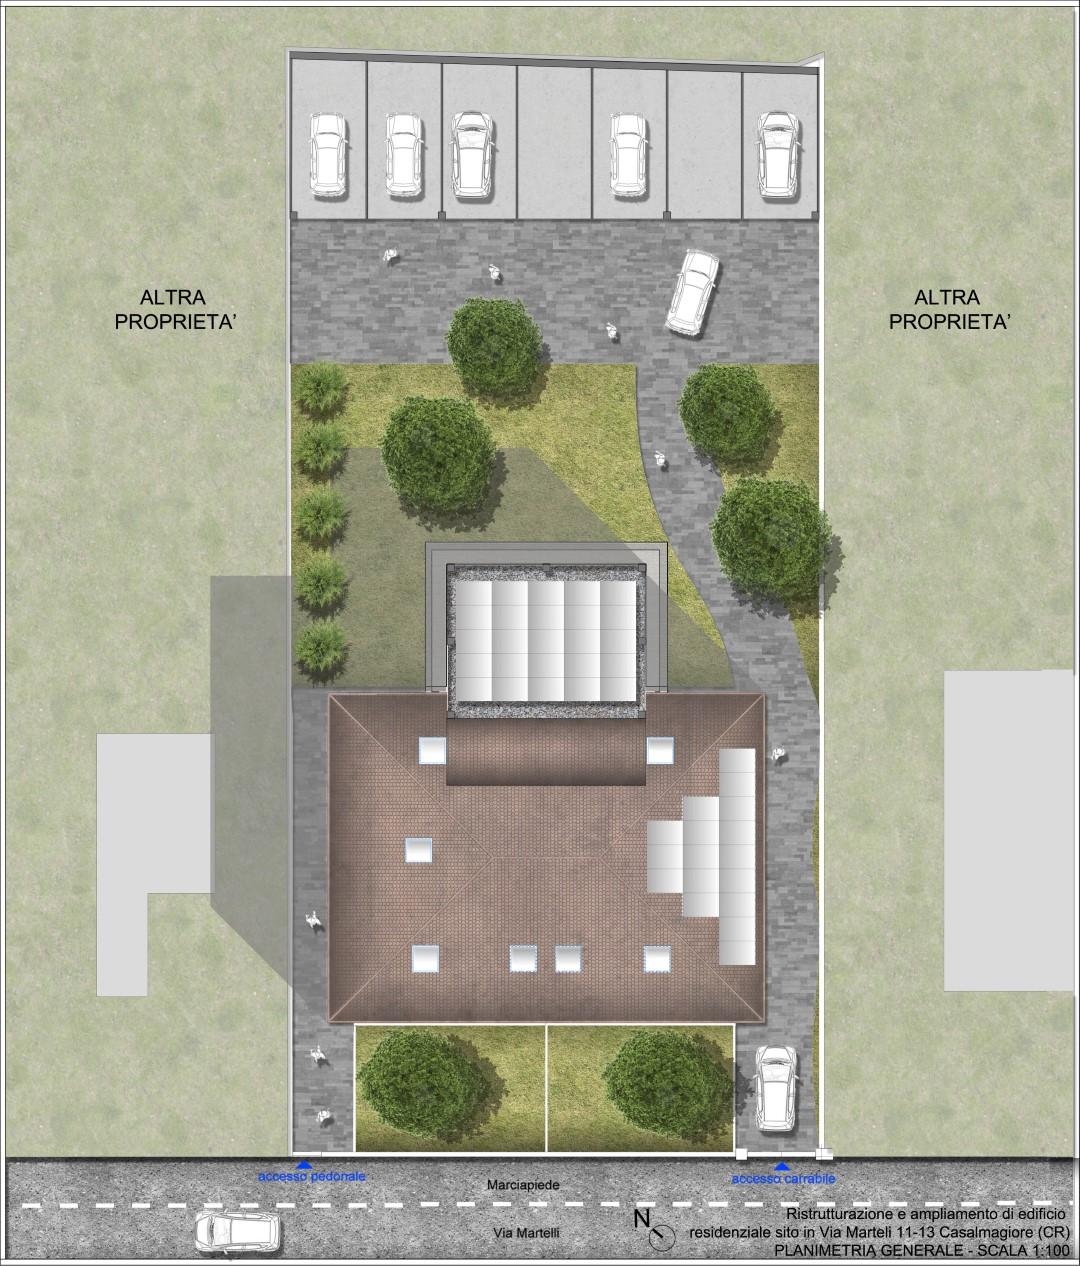 Palazzina New Liberty - Casalmaggiore (CR) - APPARTAMENTI IN VENDITA